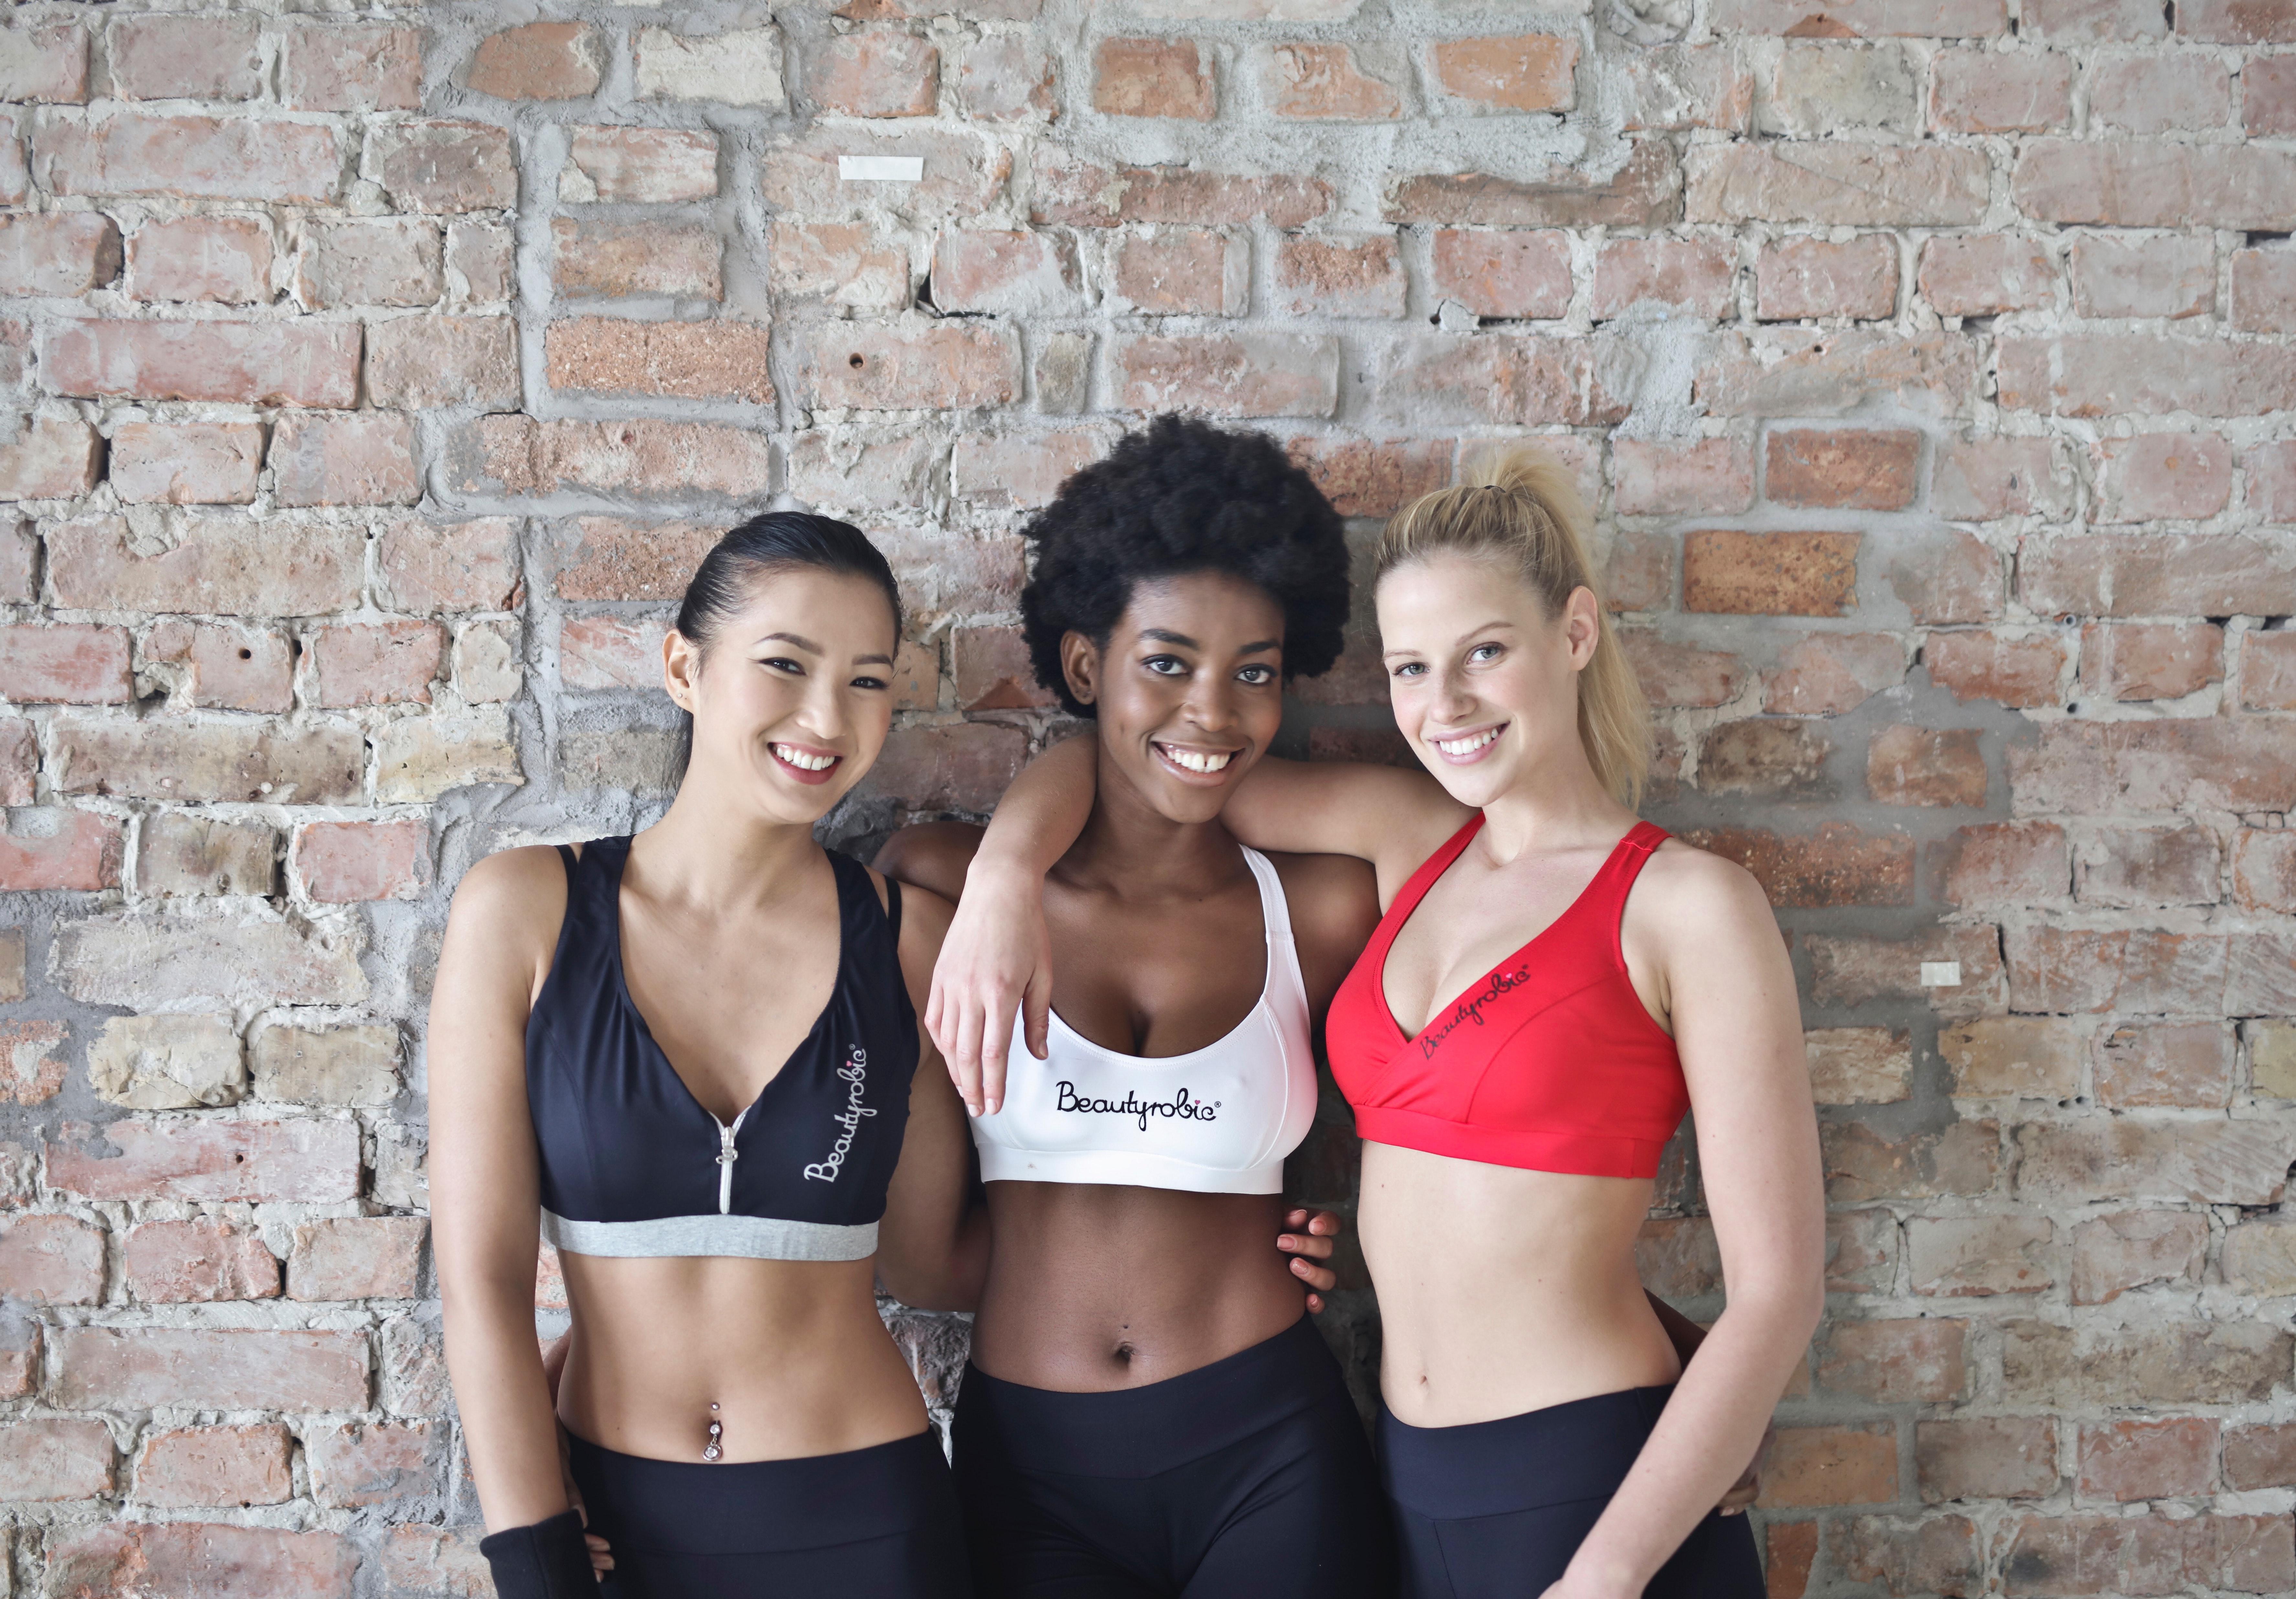 ダイエット,体重,筋トレ,痩せる,減らす